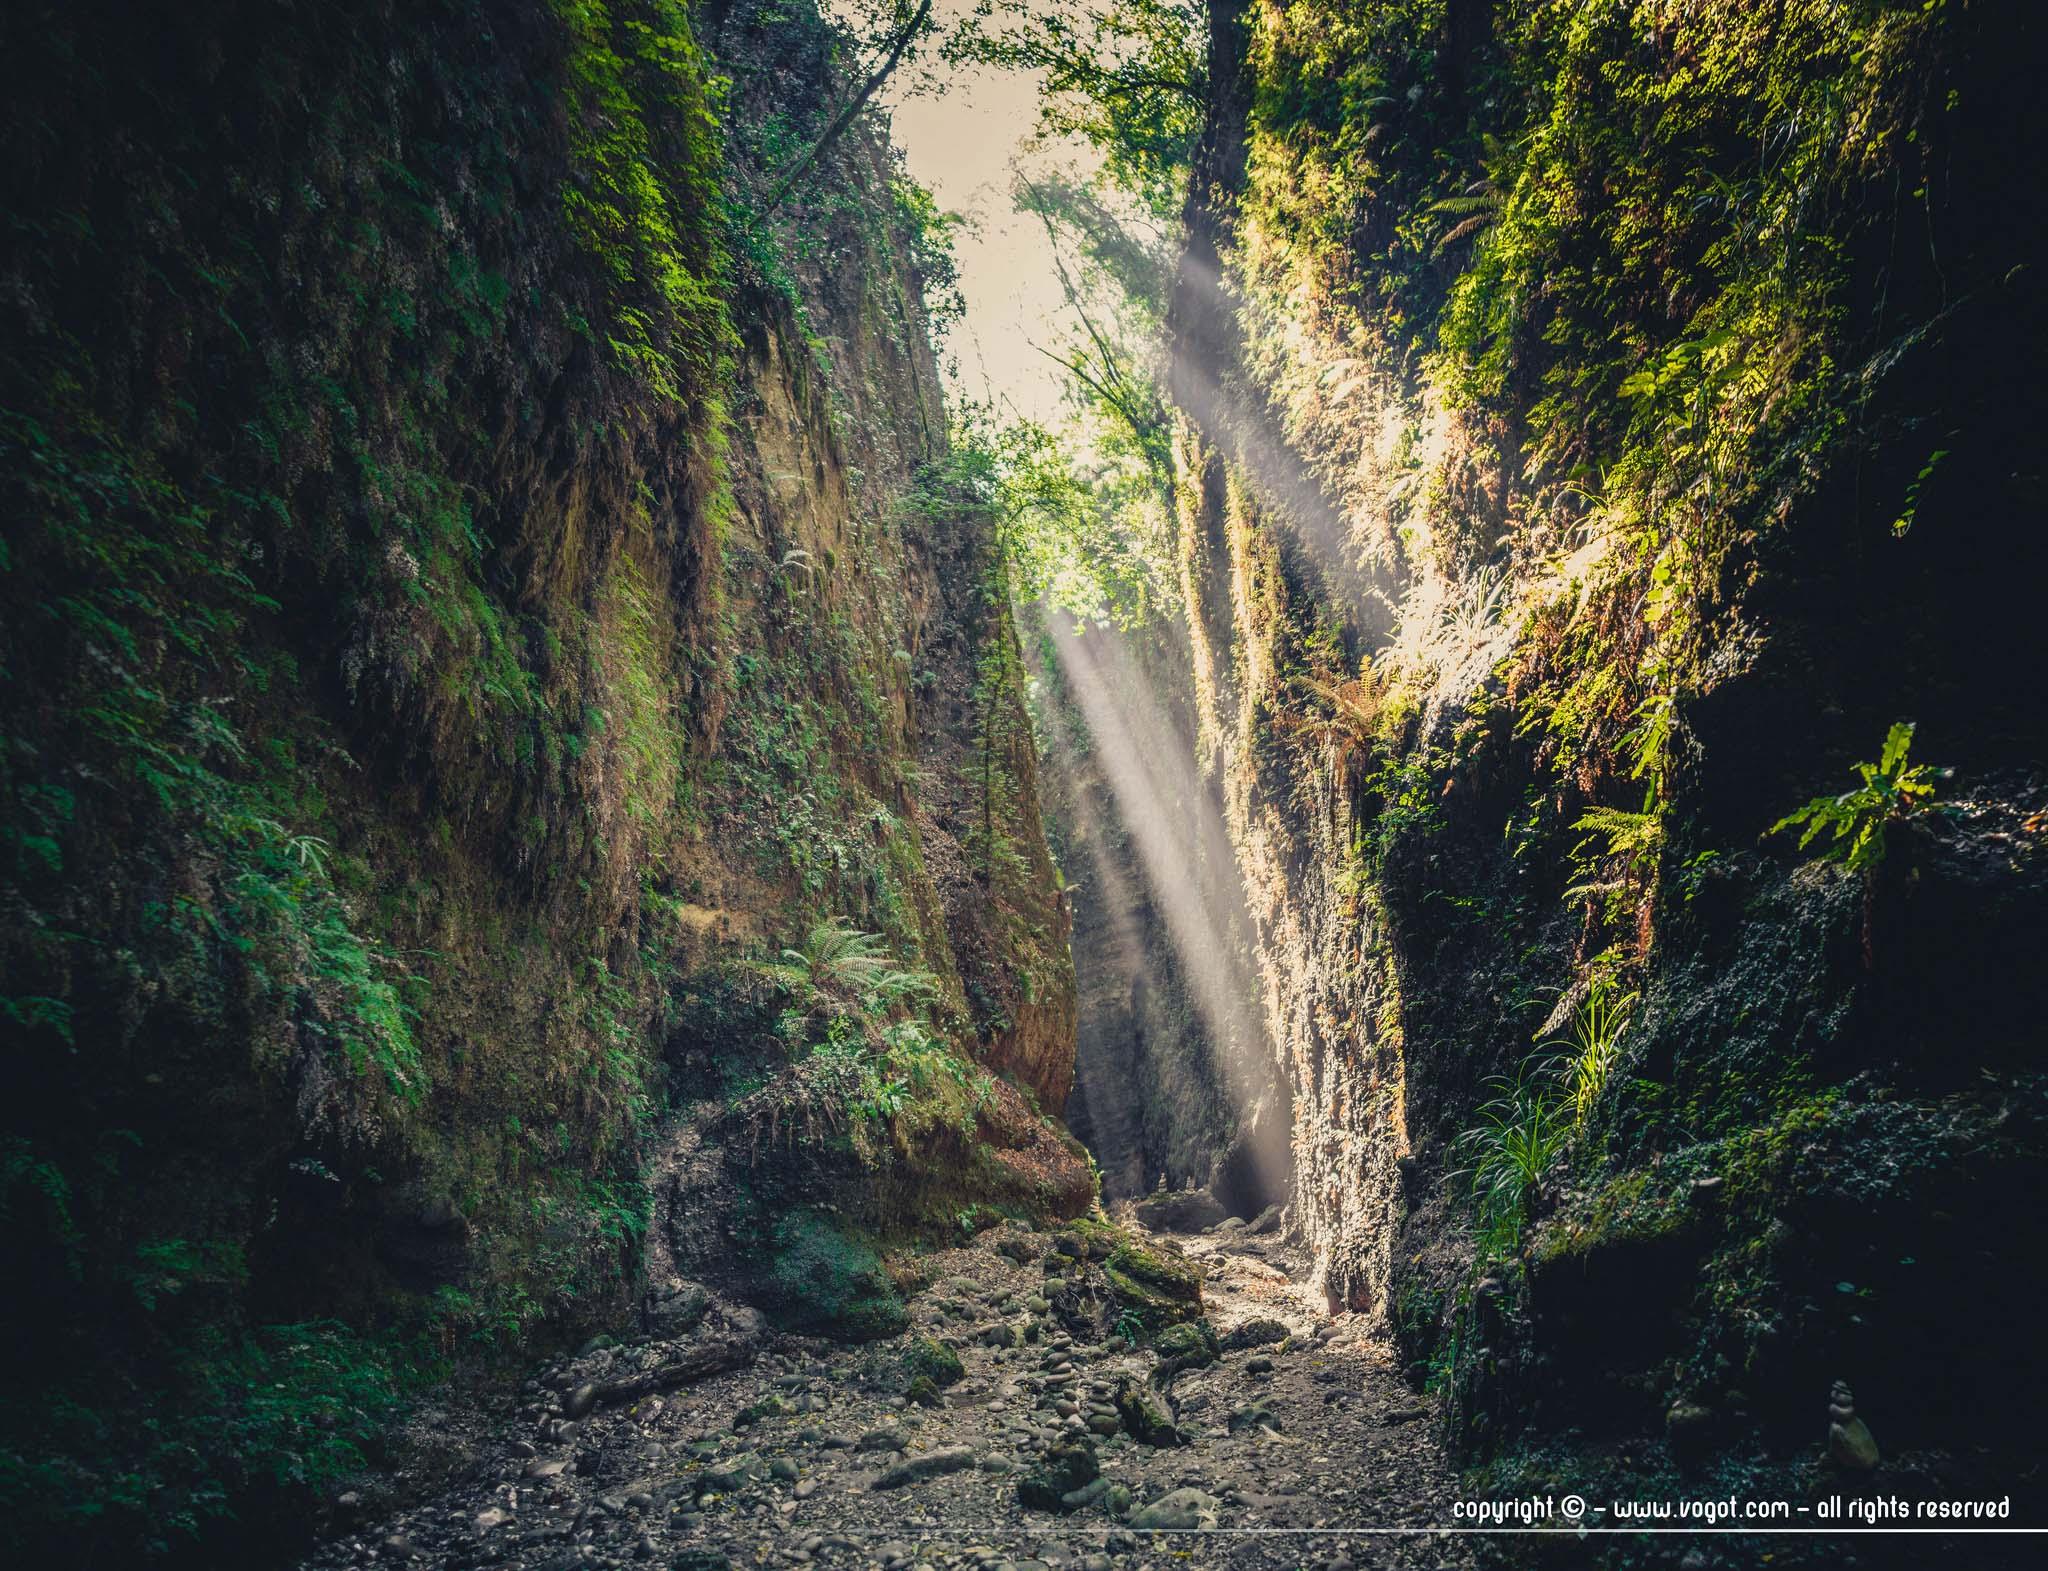 Le vallon obscur du Donareo – pour une après-midi nature